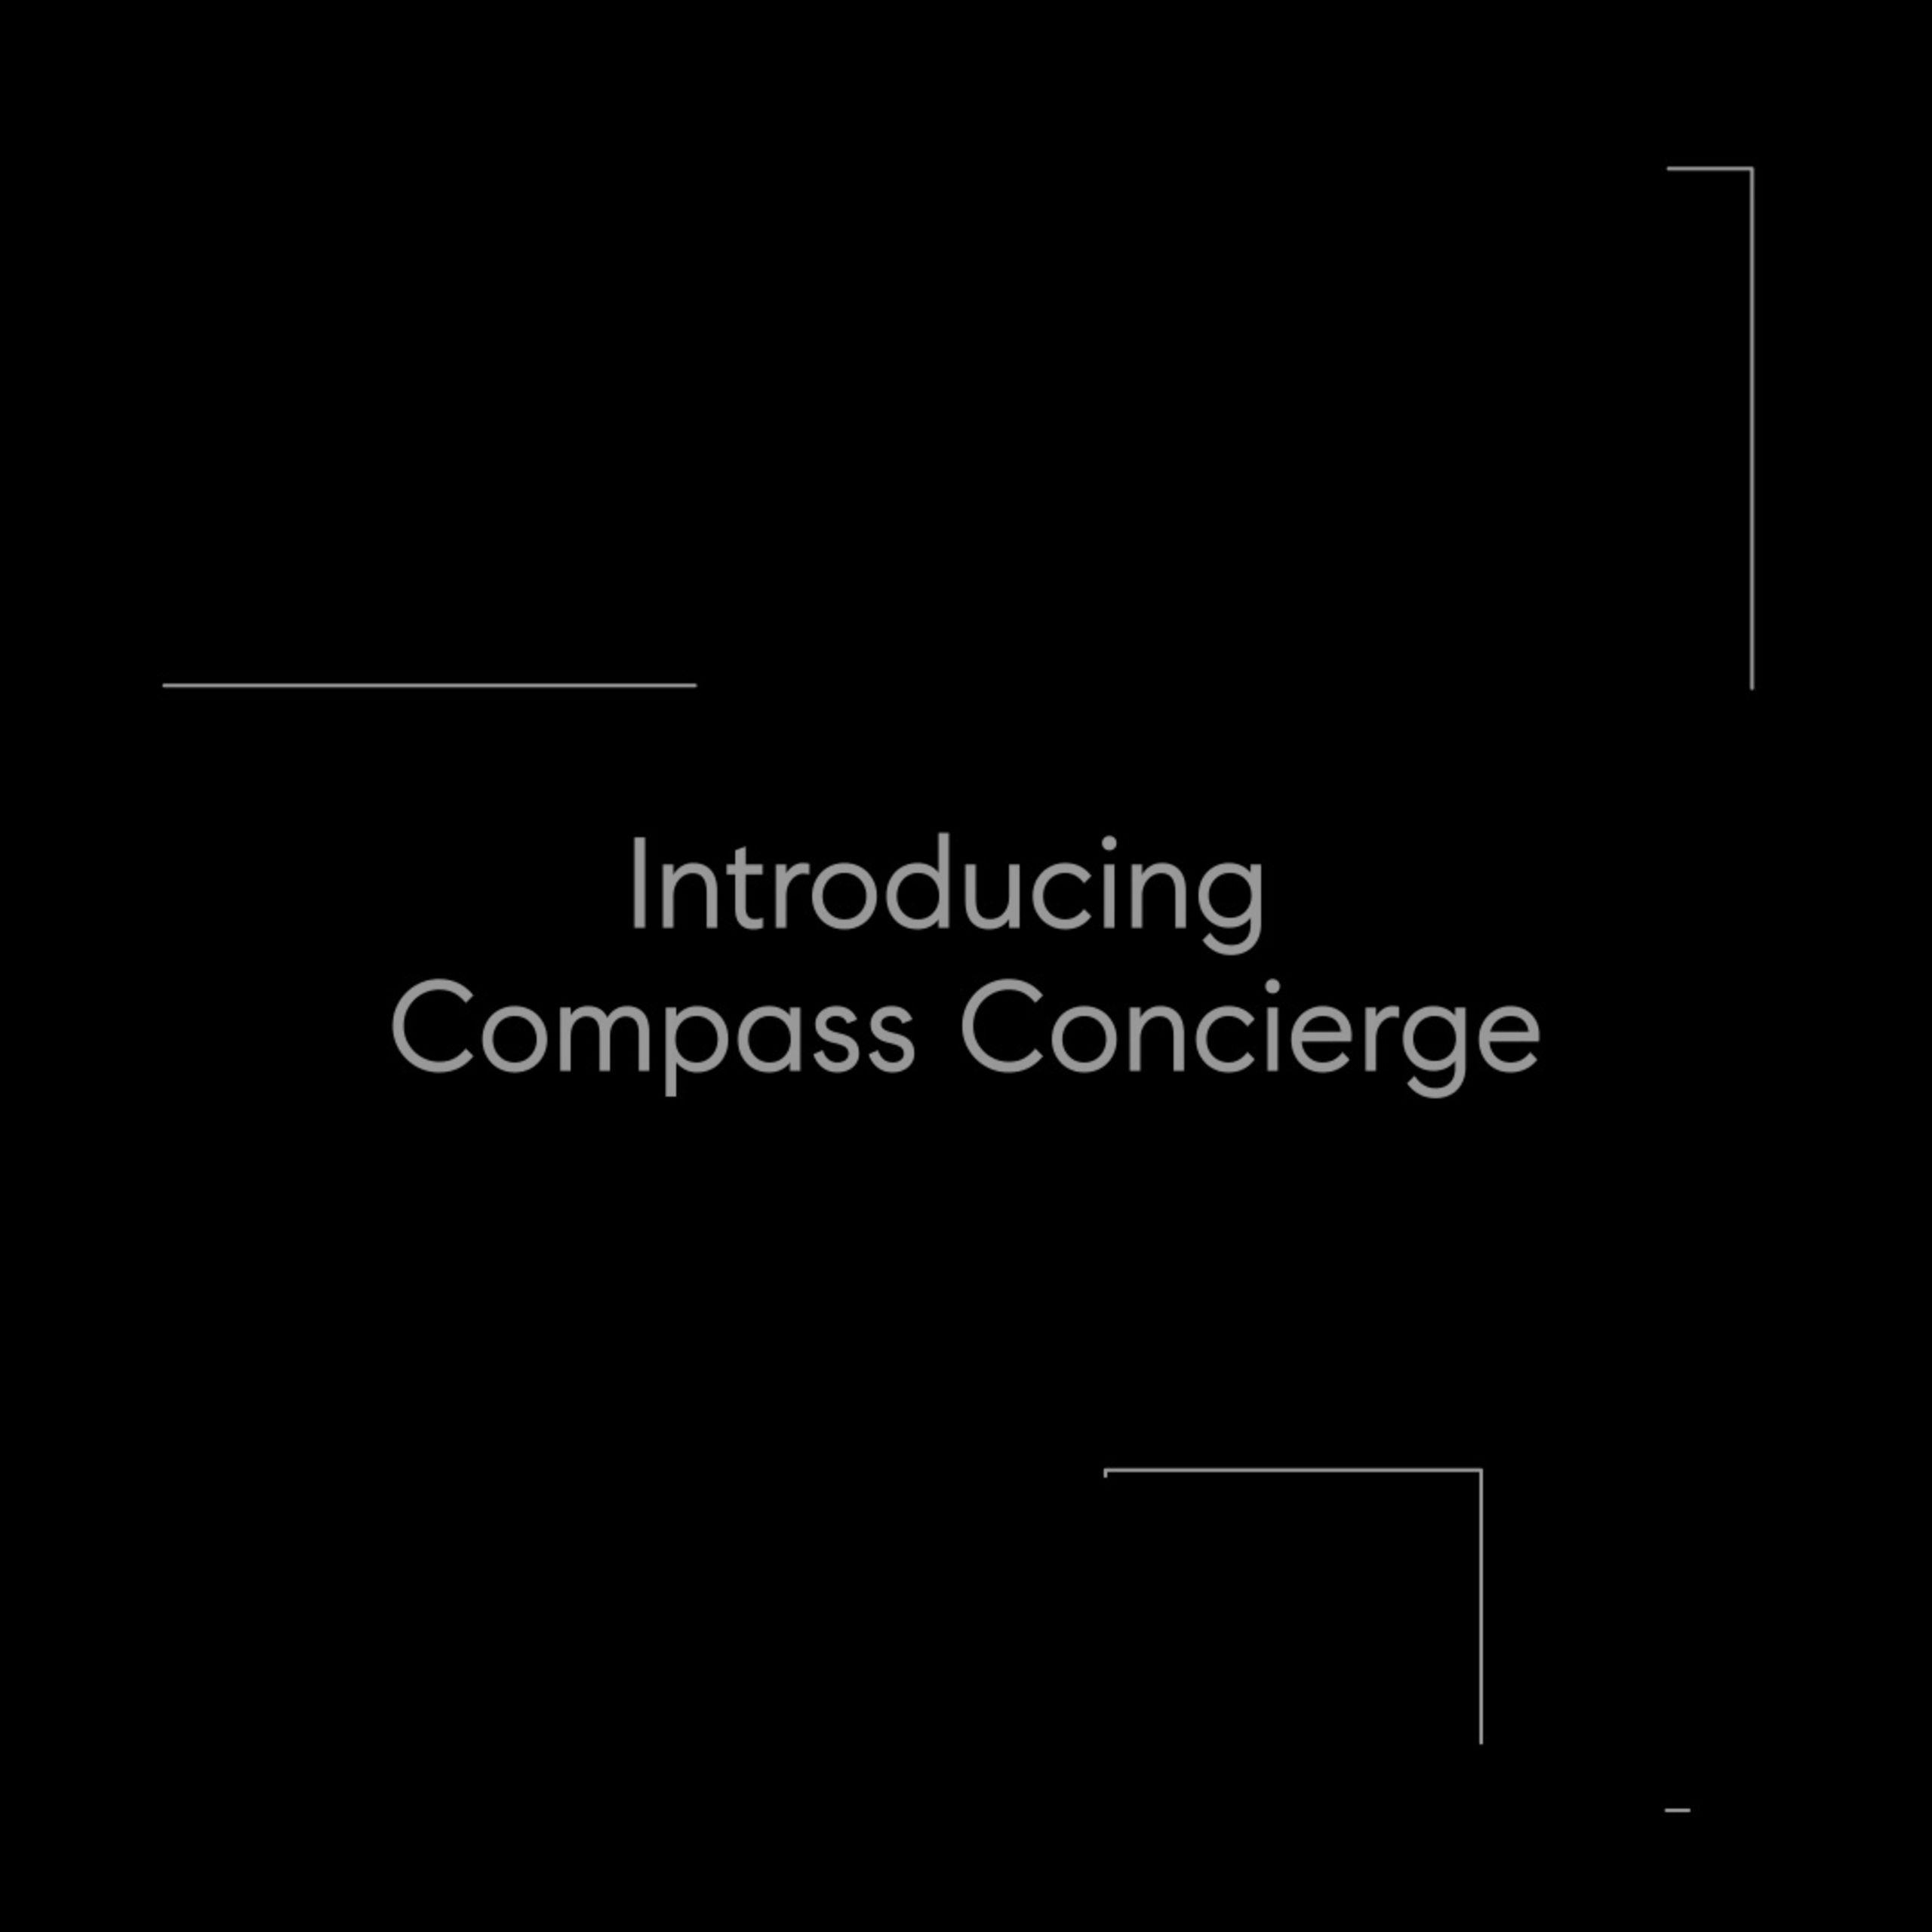 Ask Me About Compass Concierge